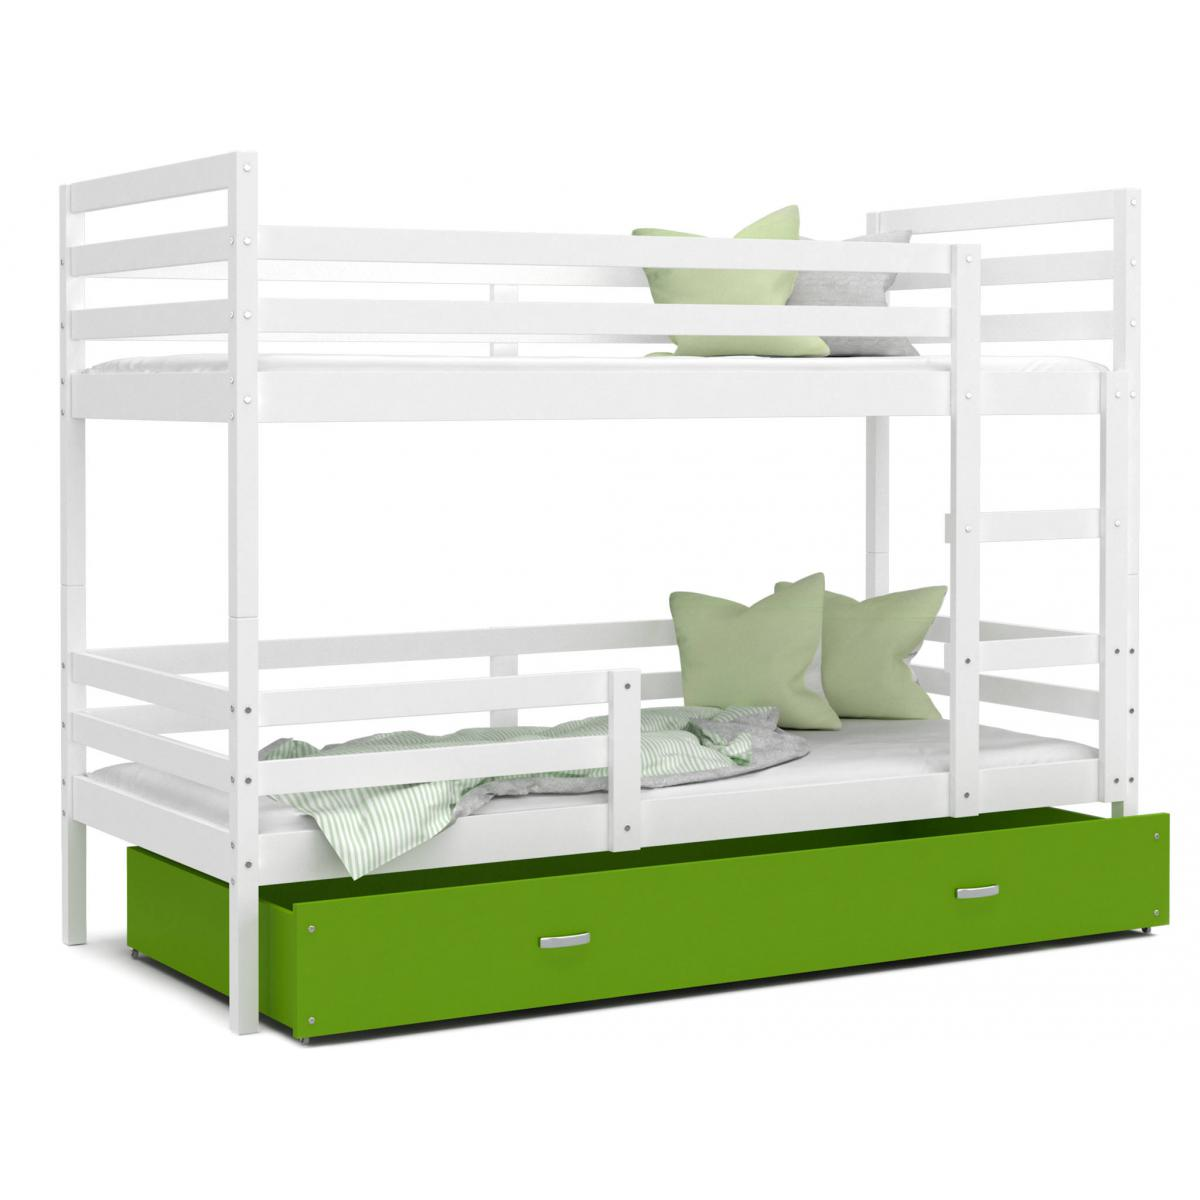 Kids Literie LIT superposé Milo 90x190 Blanc - Vert livré avec sommier, tiroir et matelas de 7cm OFFERT.